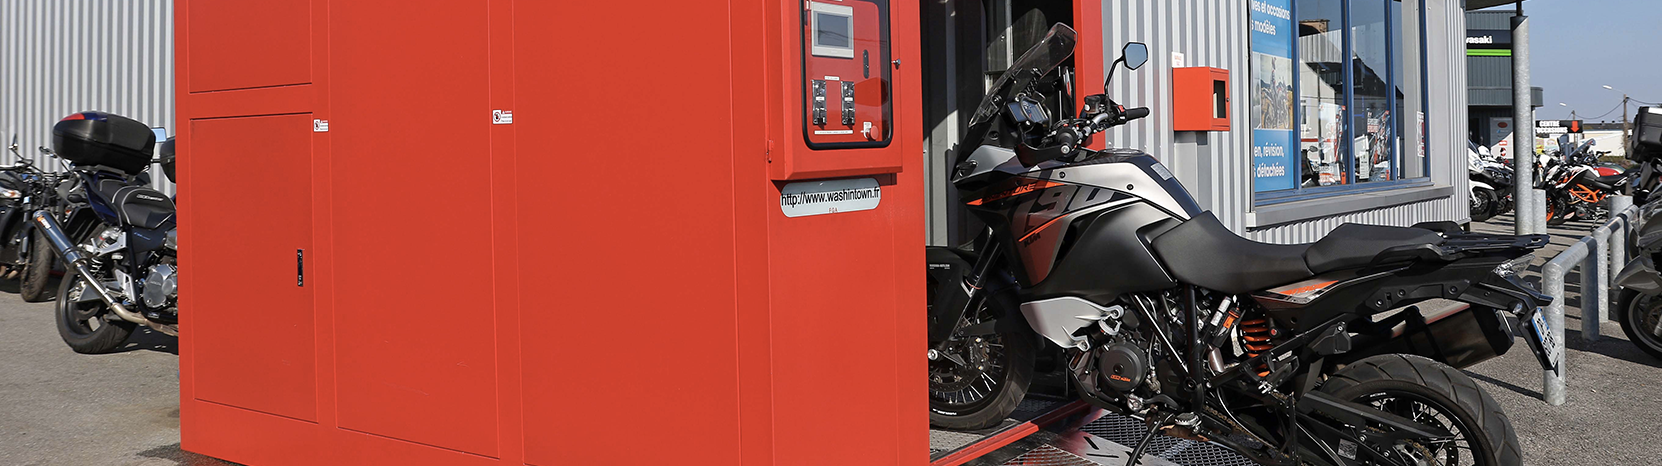 Washintown lavage automatique pour motos et scooters - Prix lavage couette laverie automatique ...